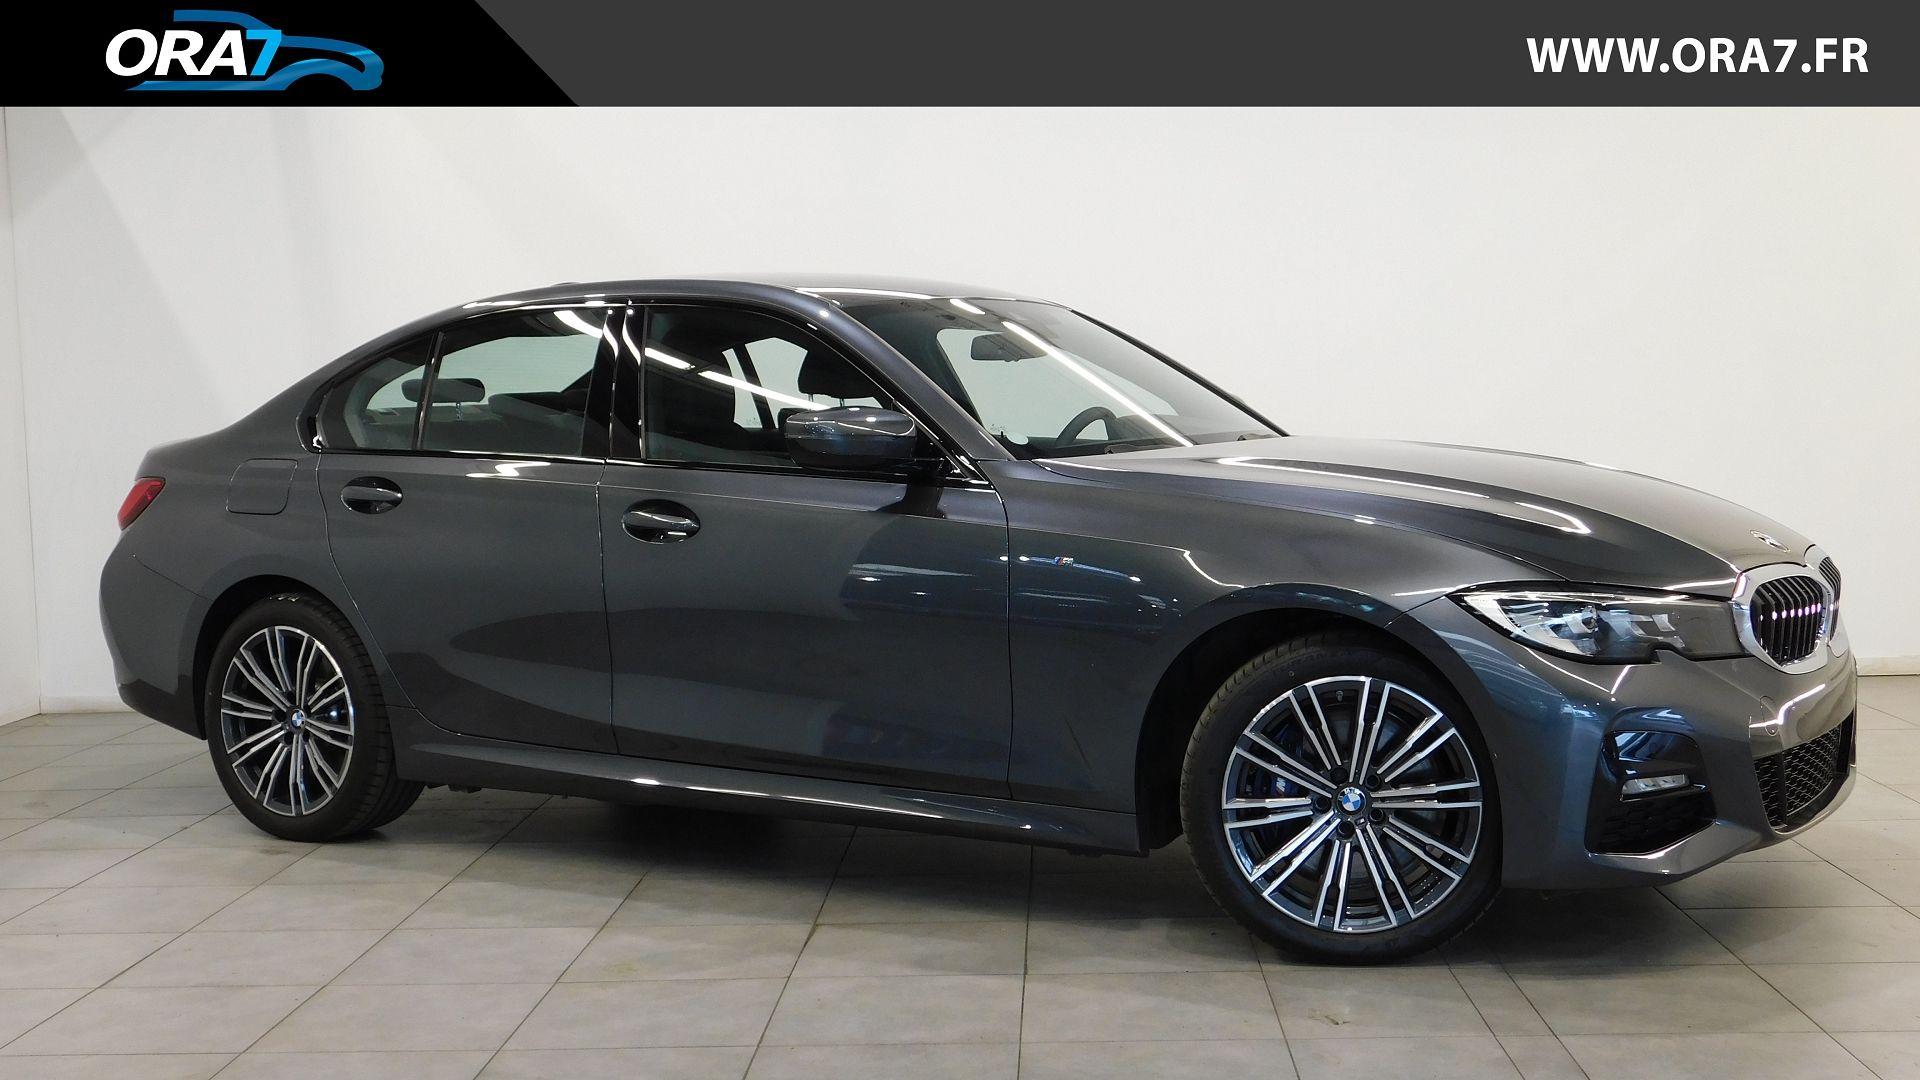 Nouvelle BMW SERIE 3 (G20) 330EA 292CH M SPORT 10CV d'occasion dans votre centre ORA7